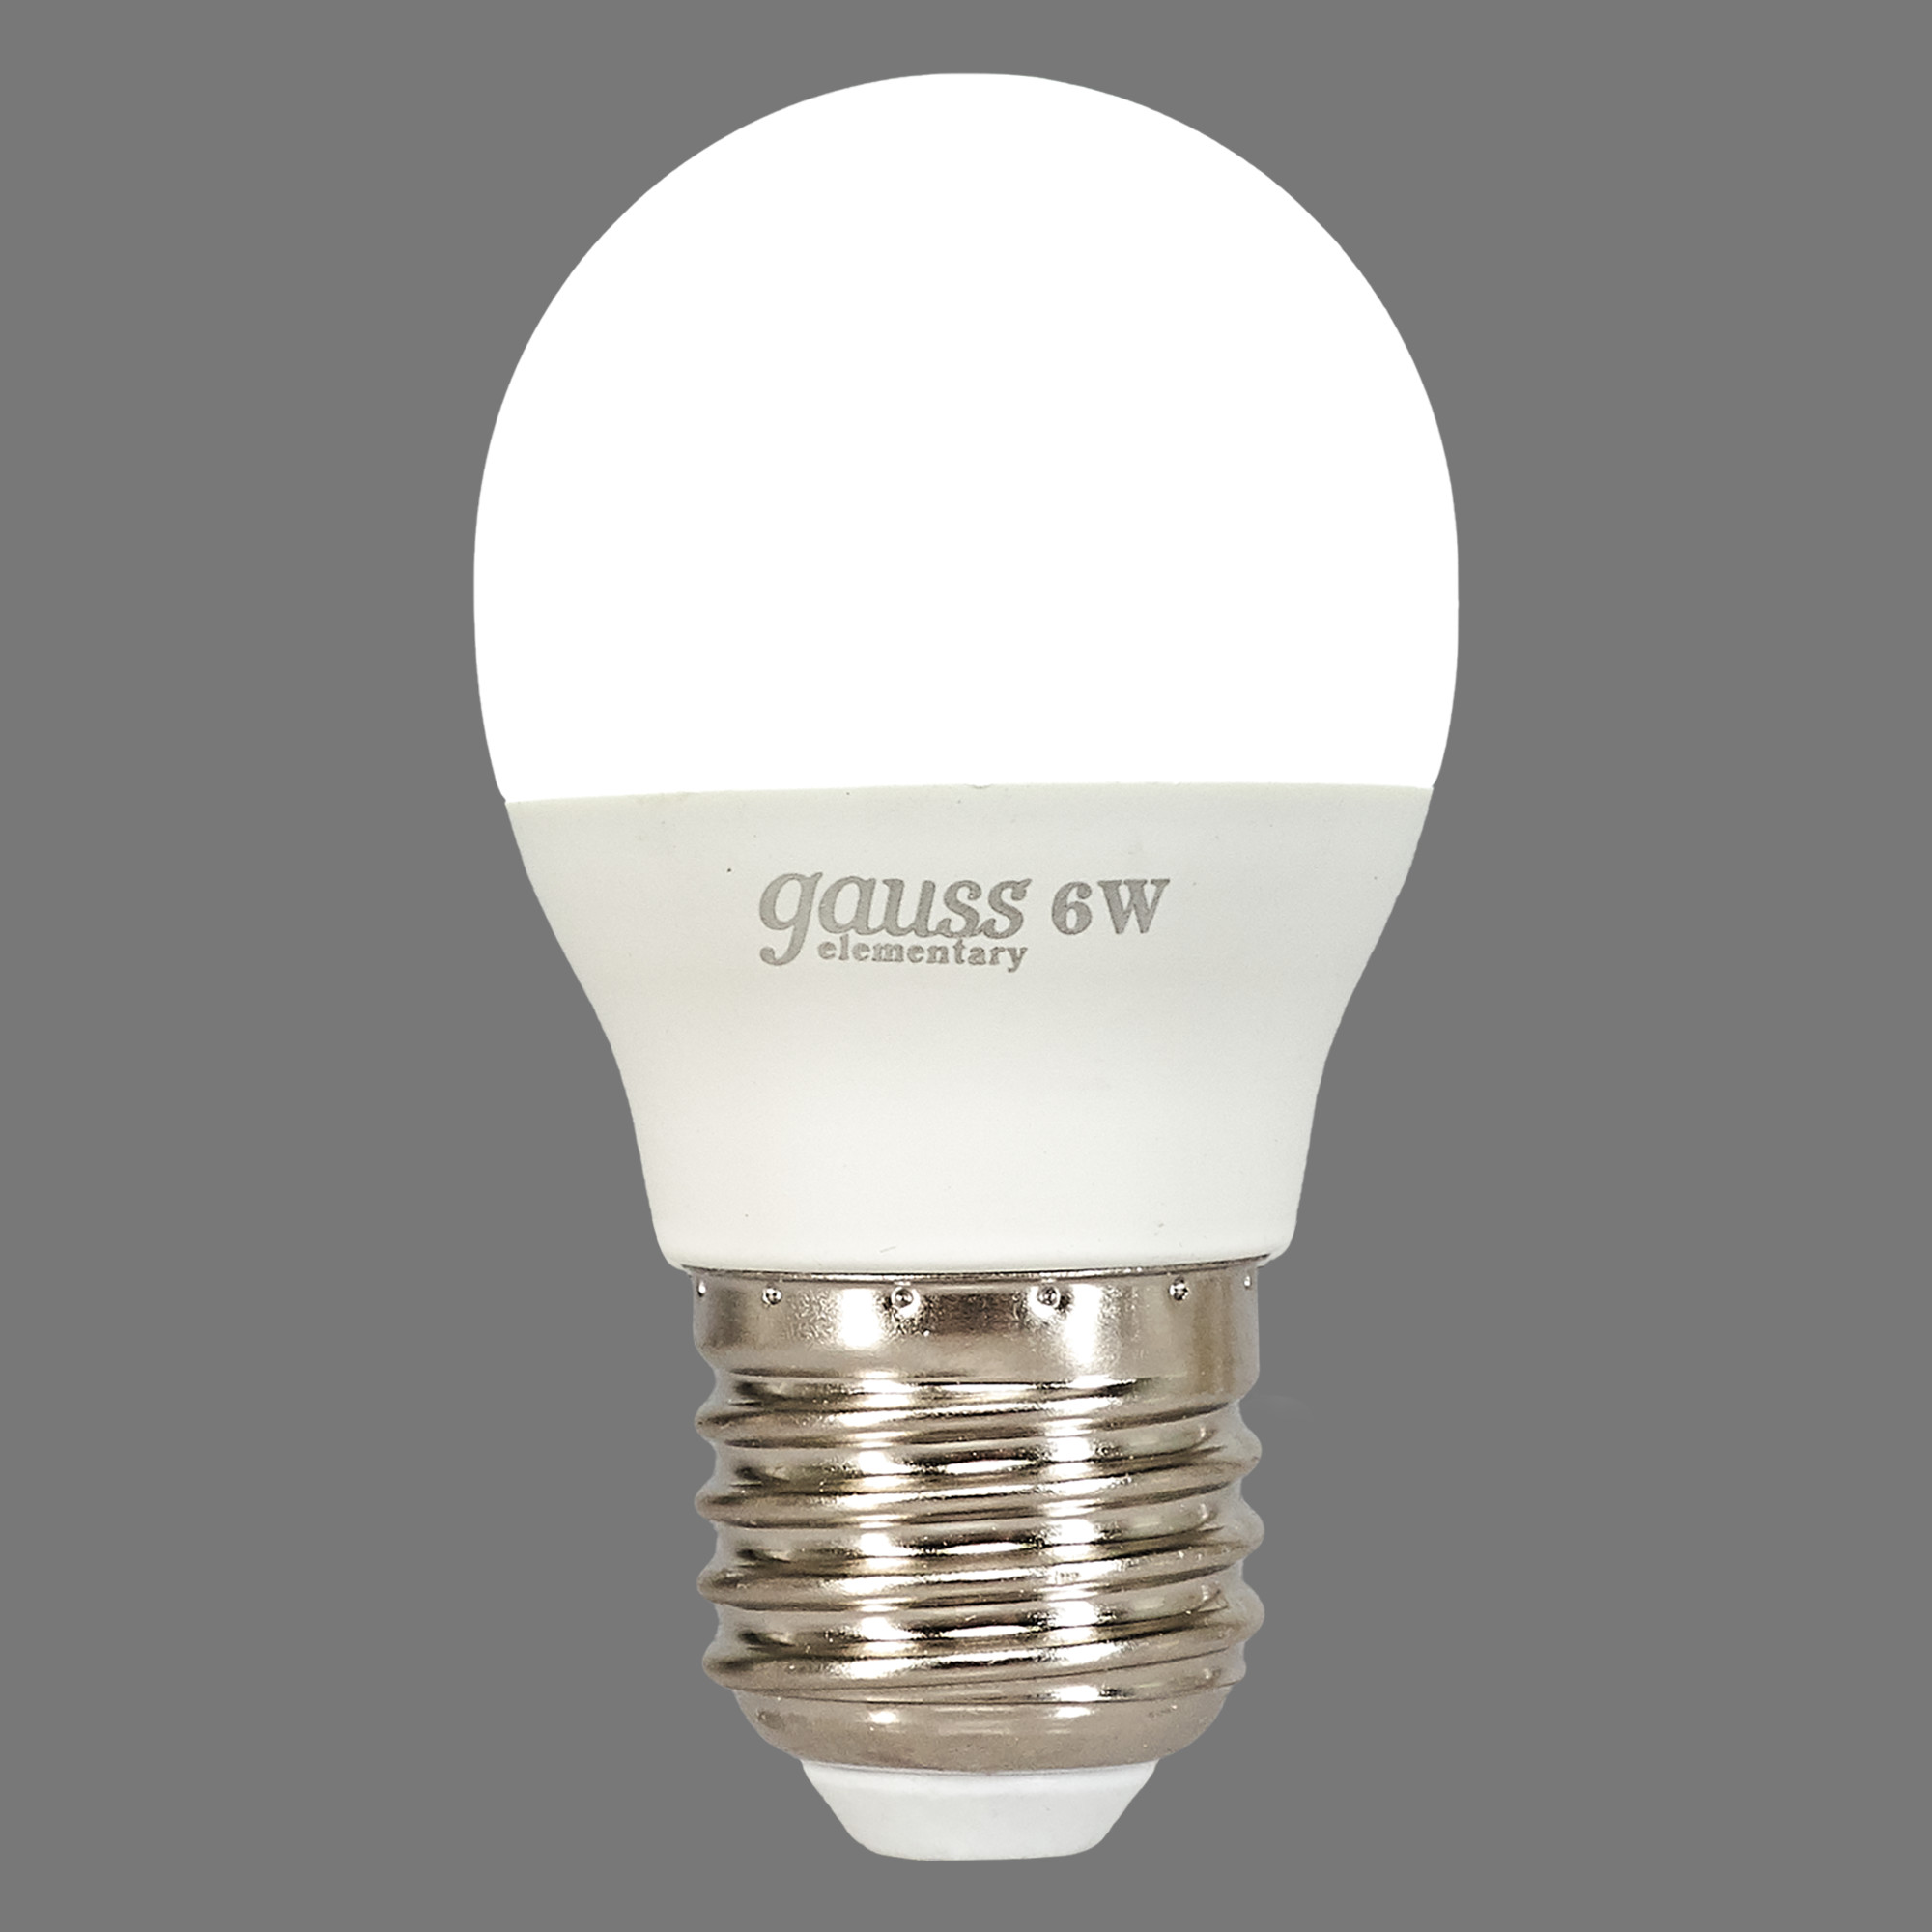 Лампа светодиодная Gauss E27 6 Вт шар матовый 470 лм холодный белый свет